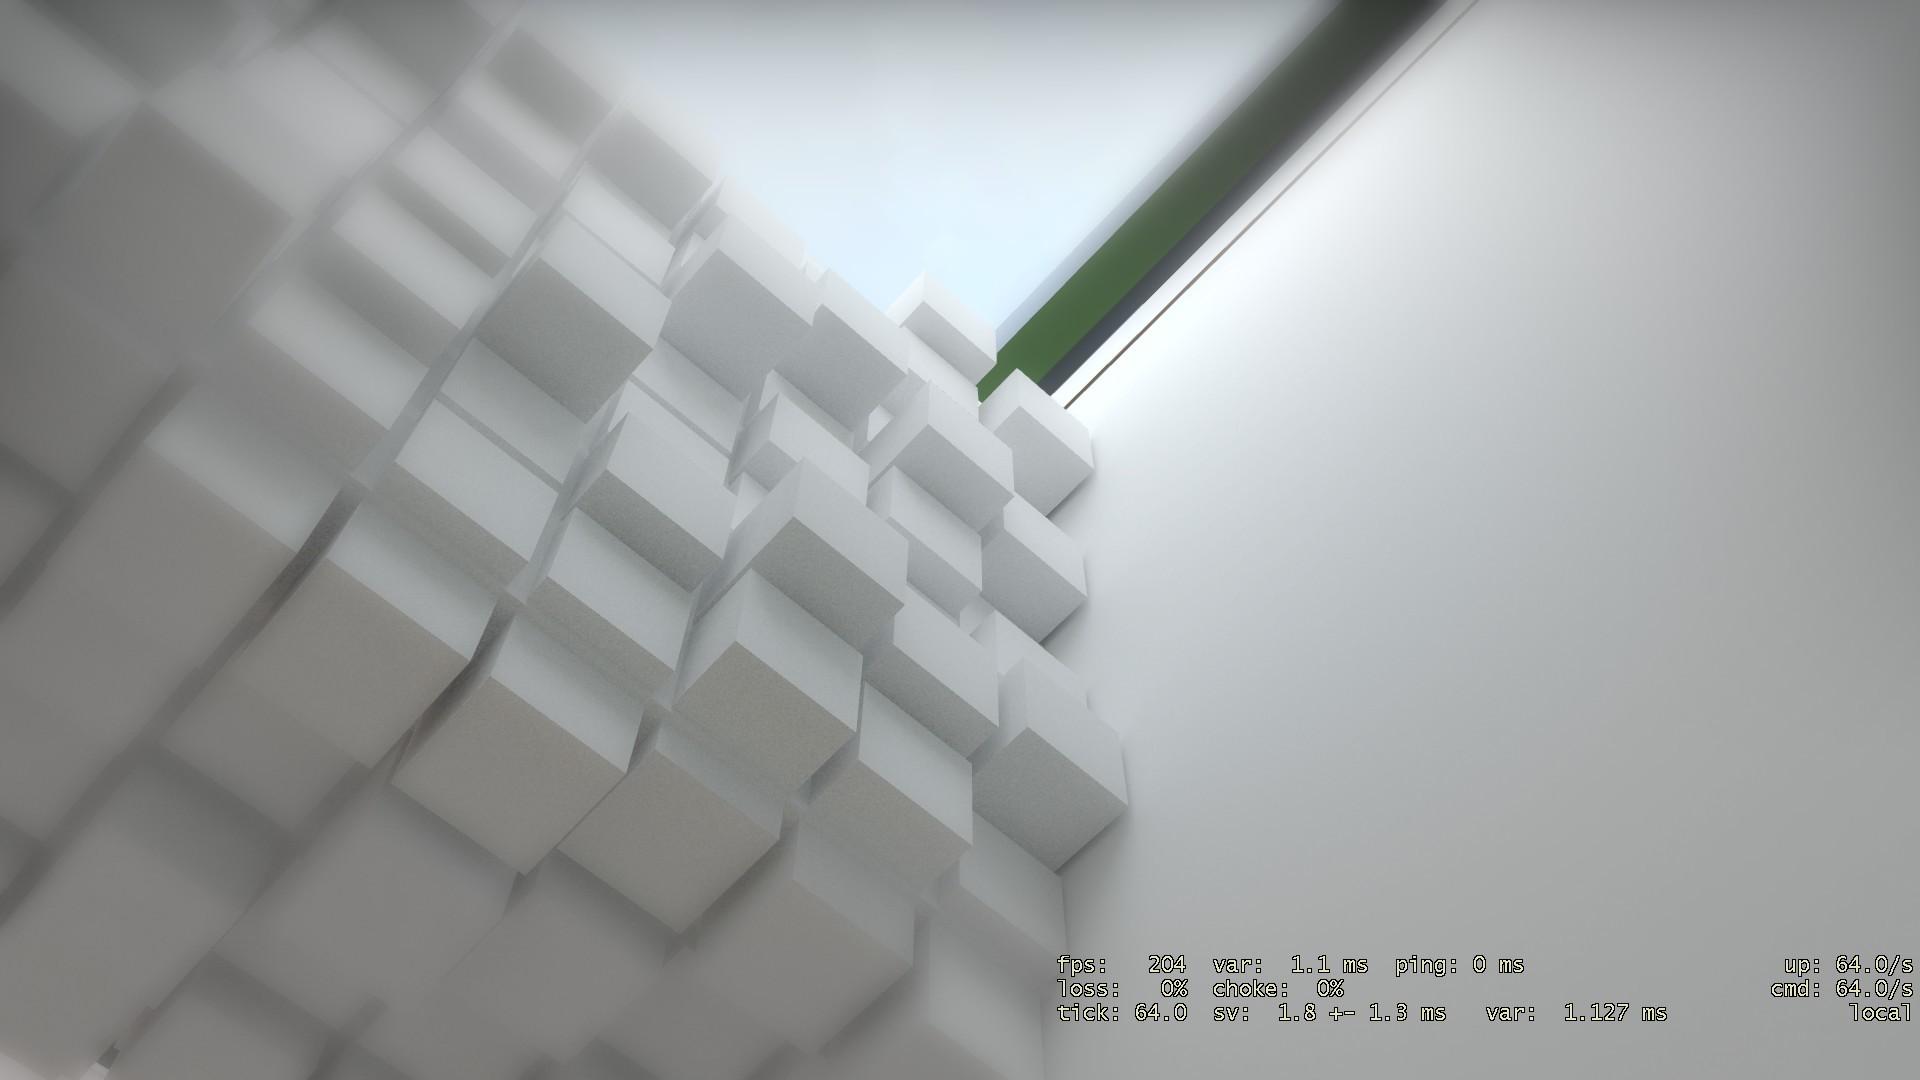 730_screenshots_20190609112953_1.jpg